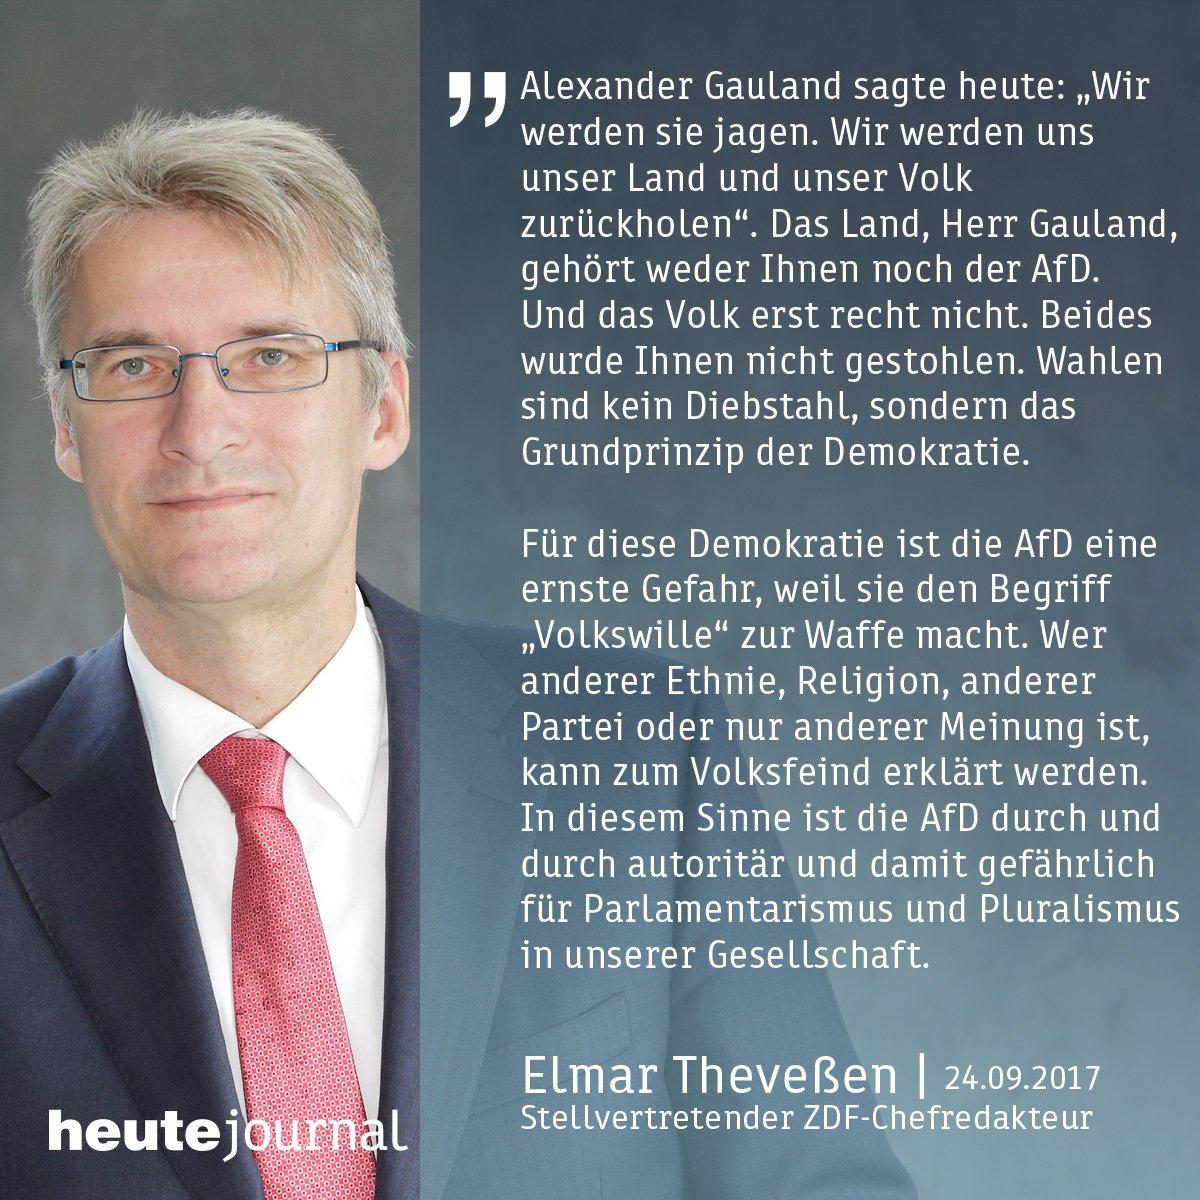 'Das Land, Herr Gauland, gehört weder Ihnen noch der AfD. Und das Volk erst recht nicht', kommentiert der stellv. @ZDF-Chefredakteur.